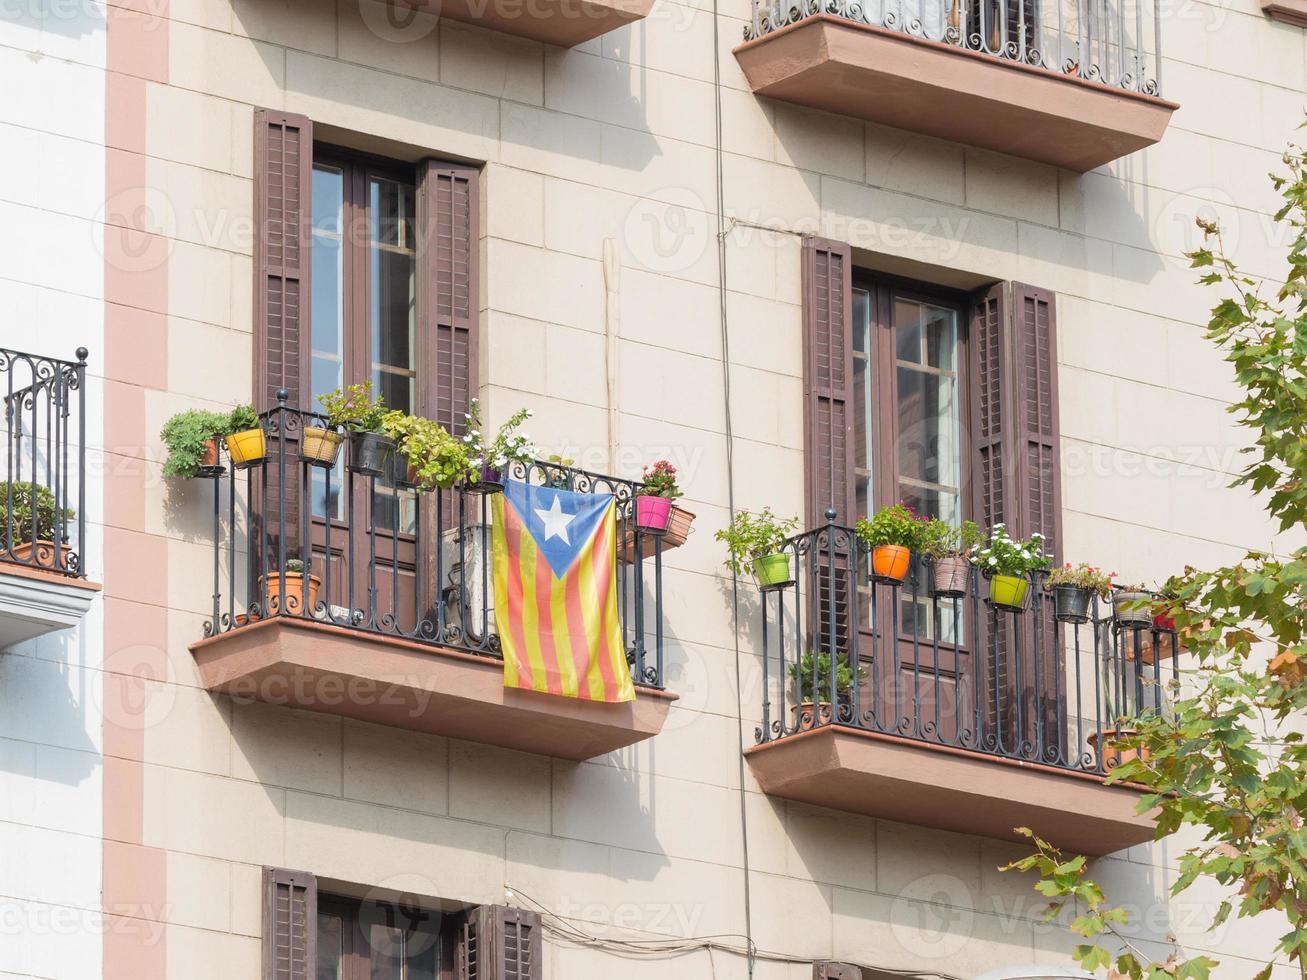 katalanische nationalistische Flagge auf dem Balkon foto